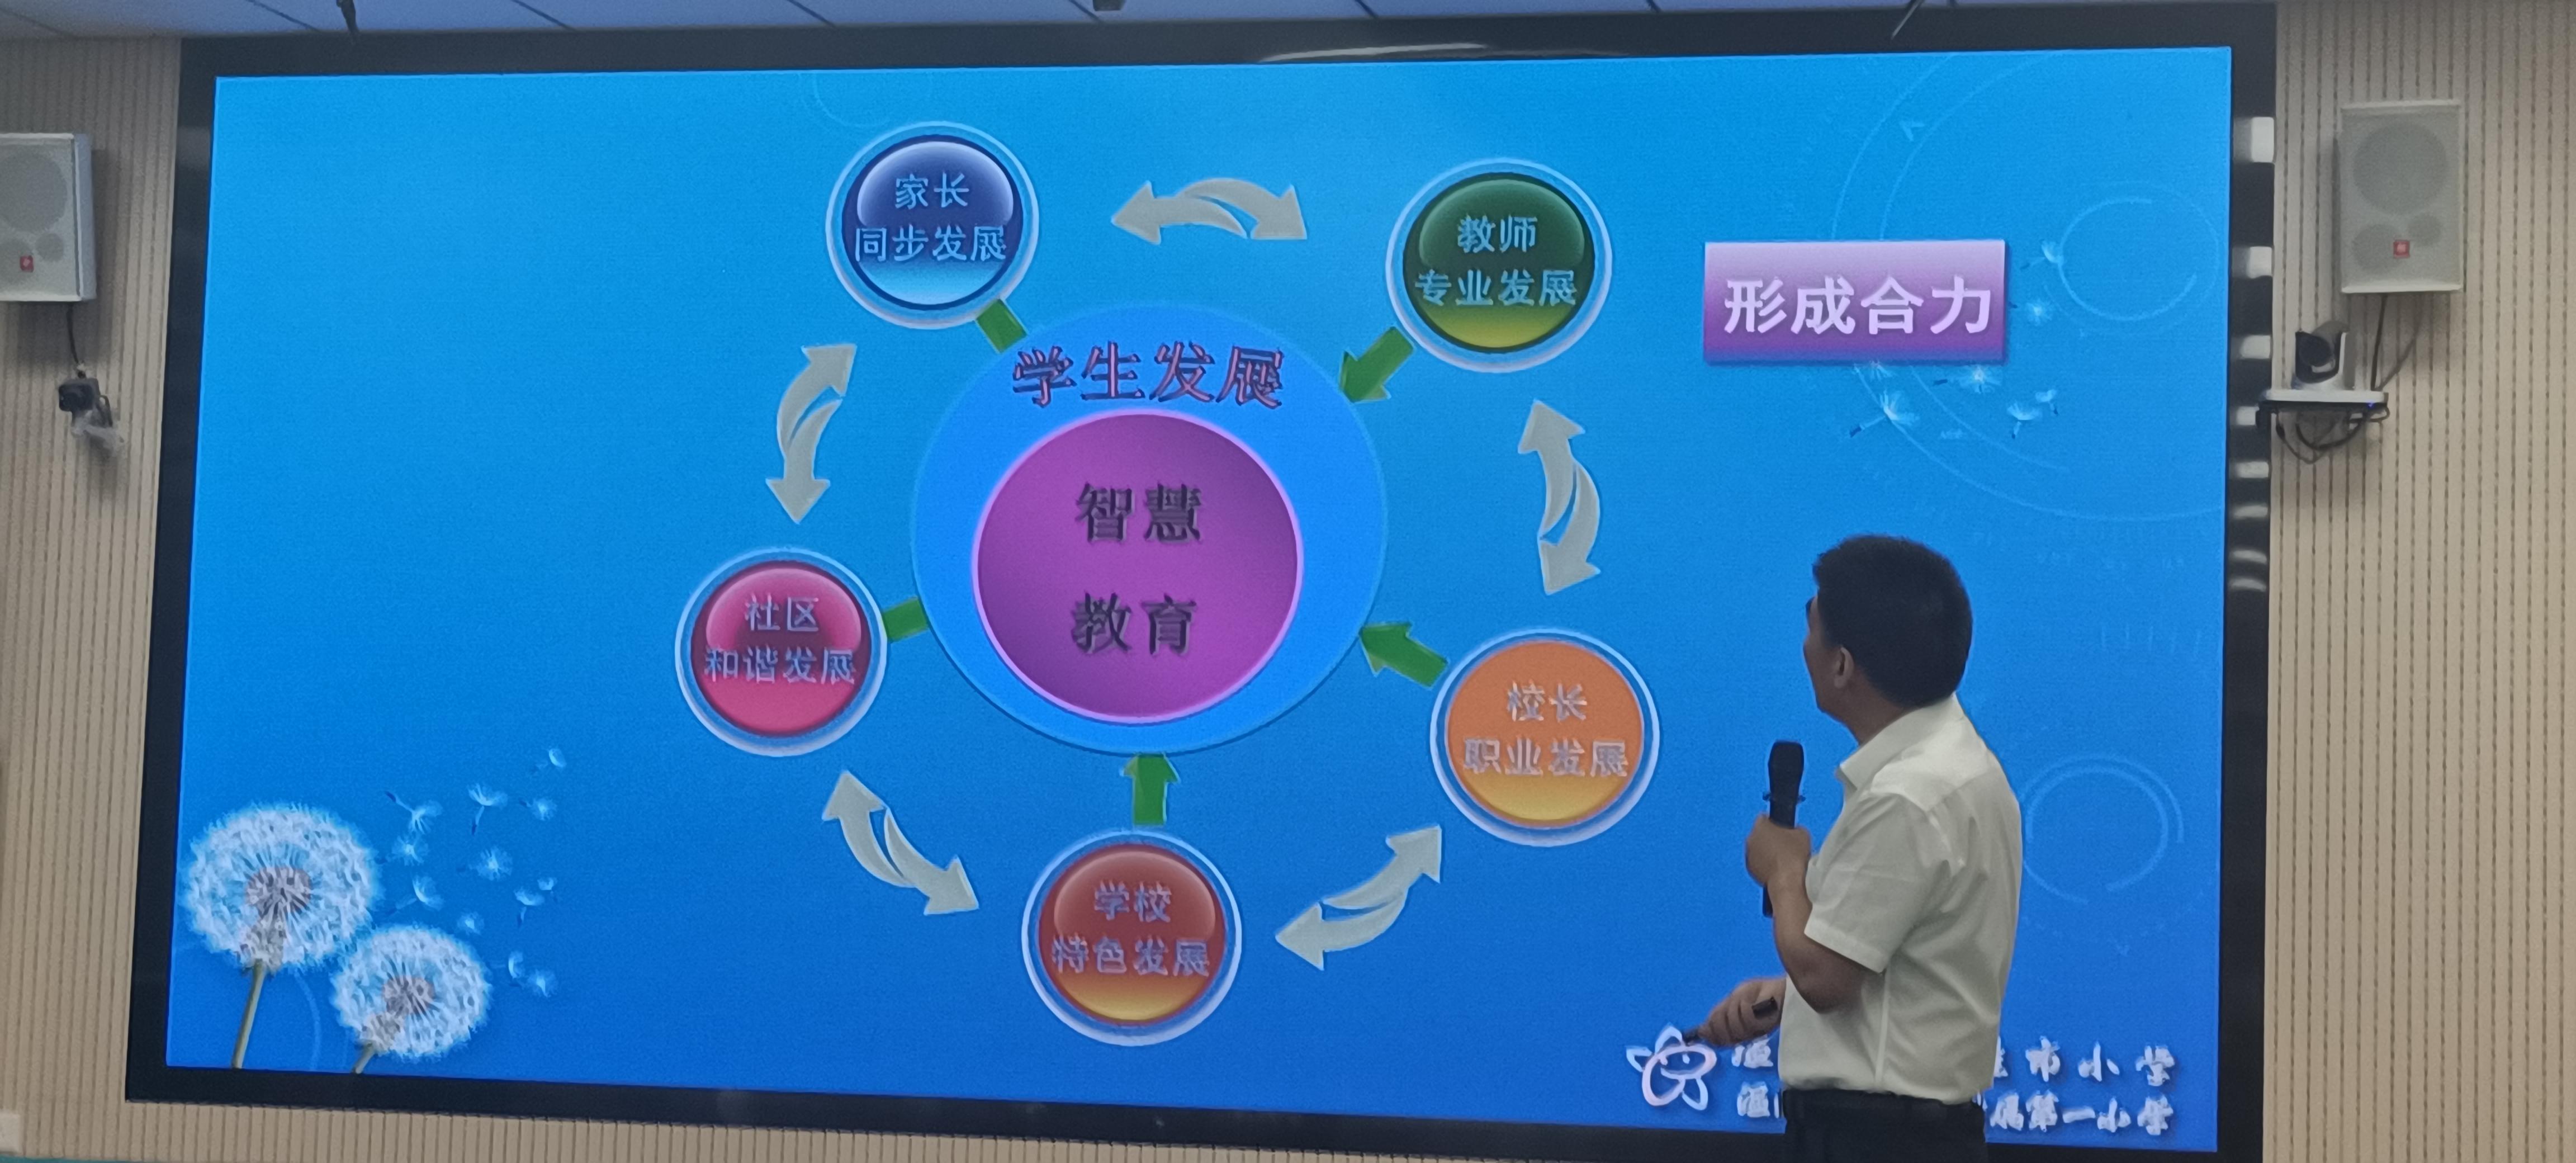 """温州教育观察:集团化办学一个成熟""""标志""""是没有""""总校"""""""